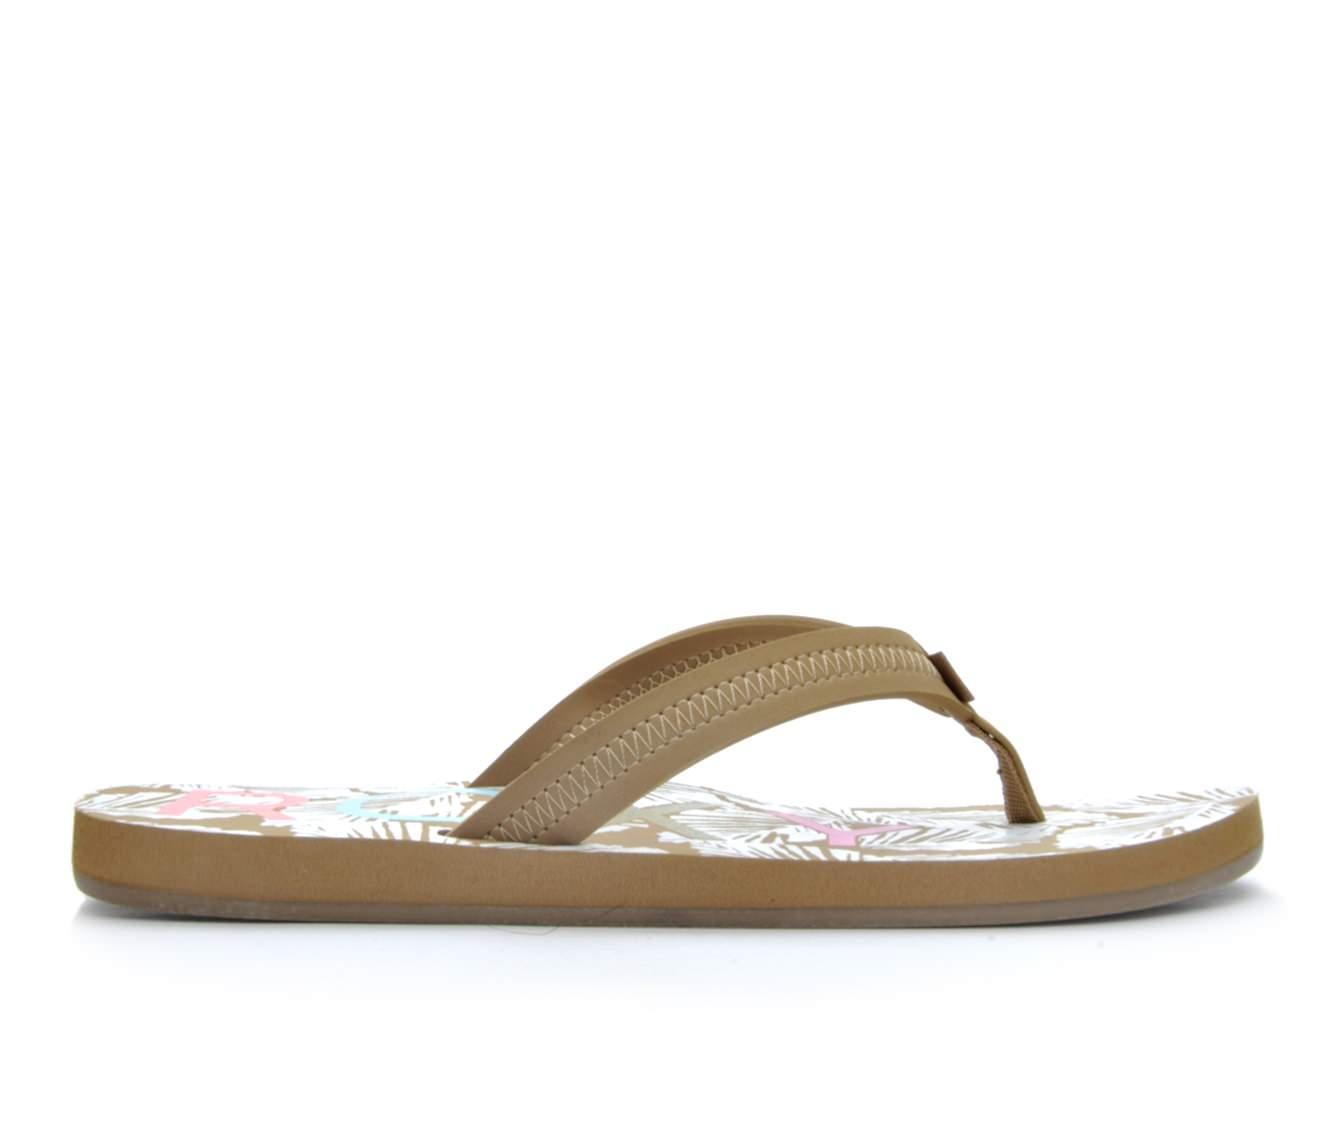 Women's Roxy Point Break Sandals (Beige)